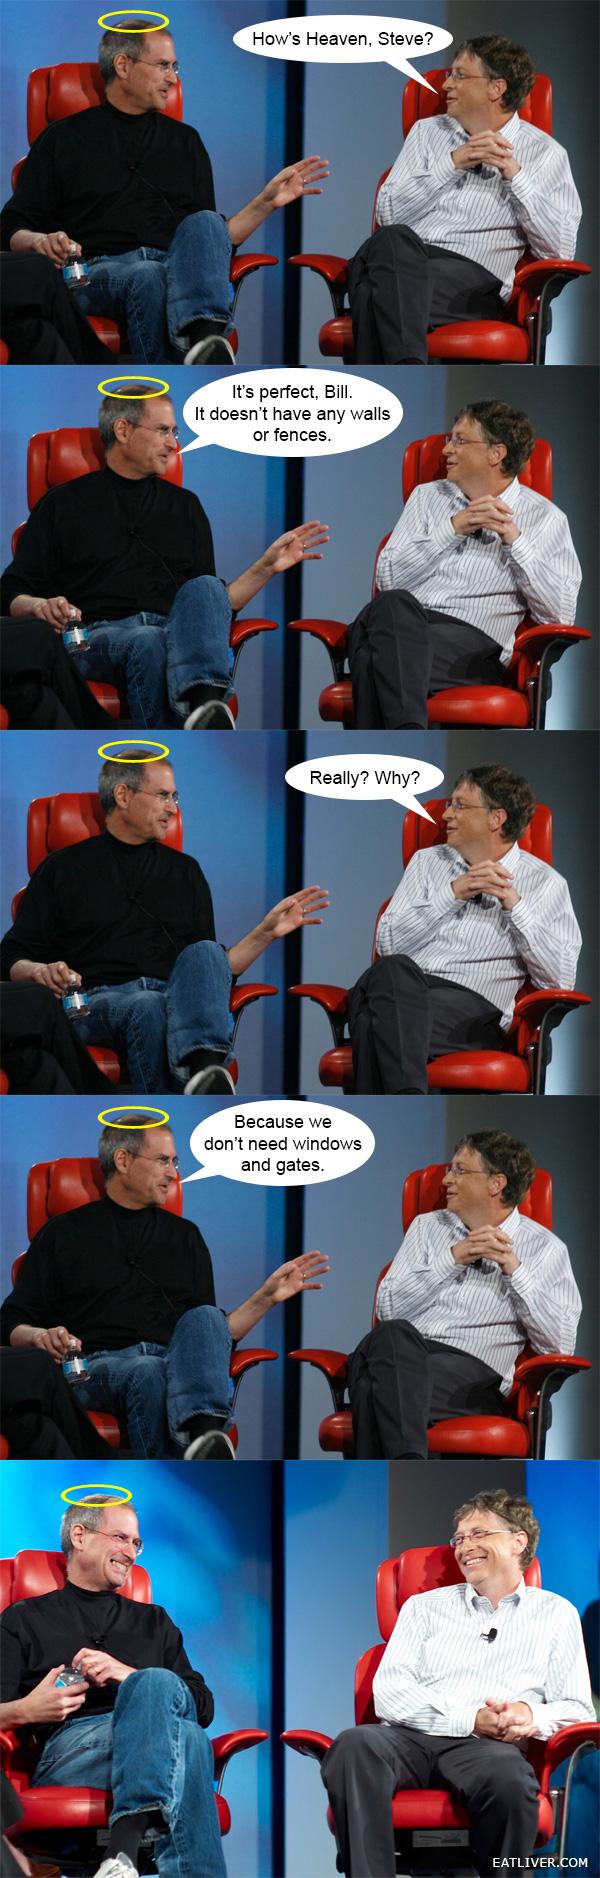 How's Heaven, Steve? Steve jobs, Best funny pictures